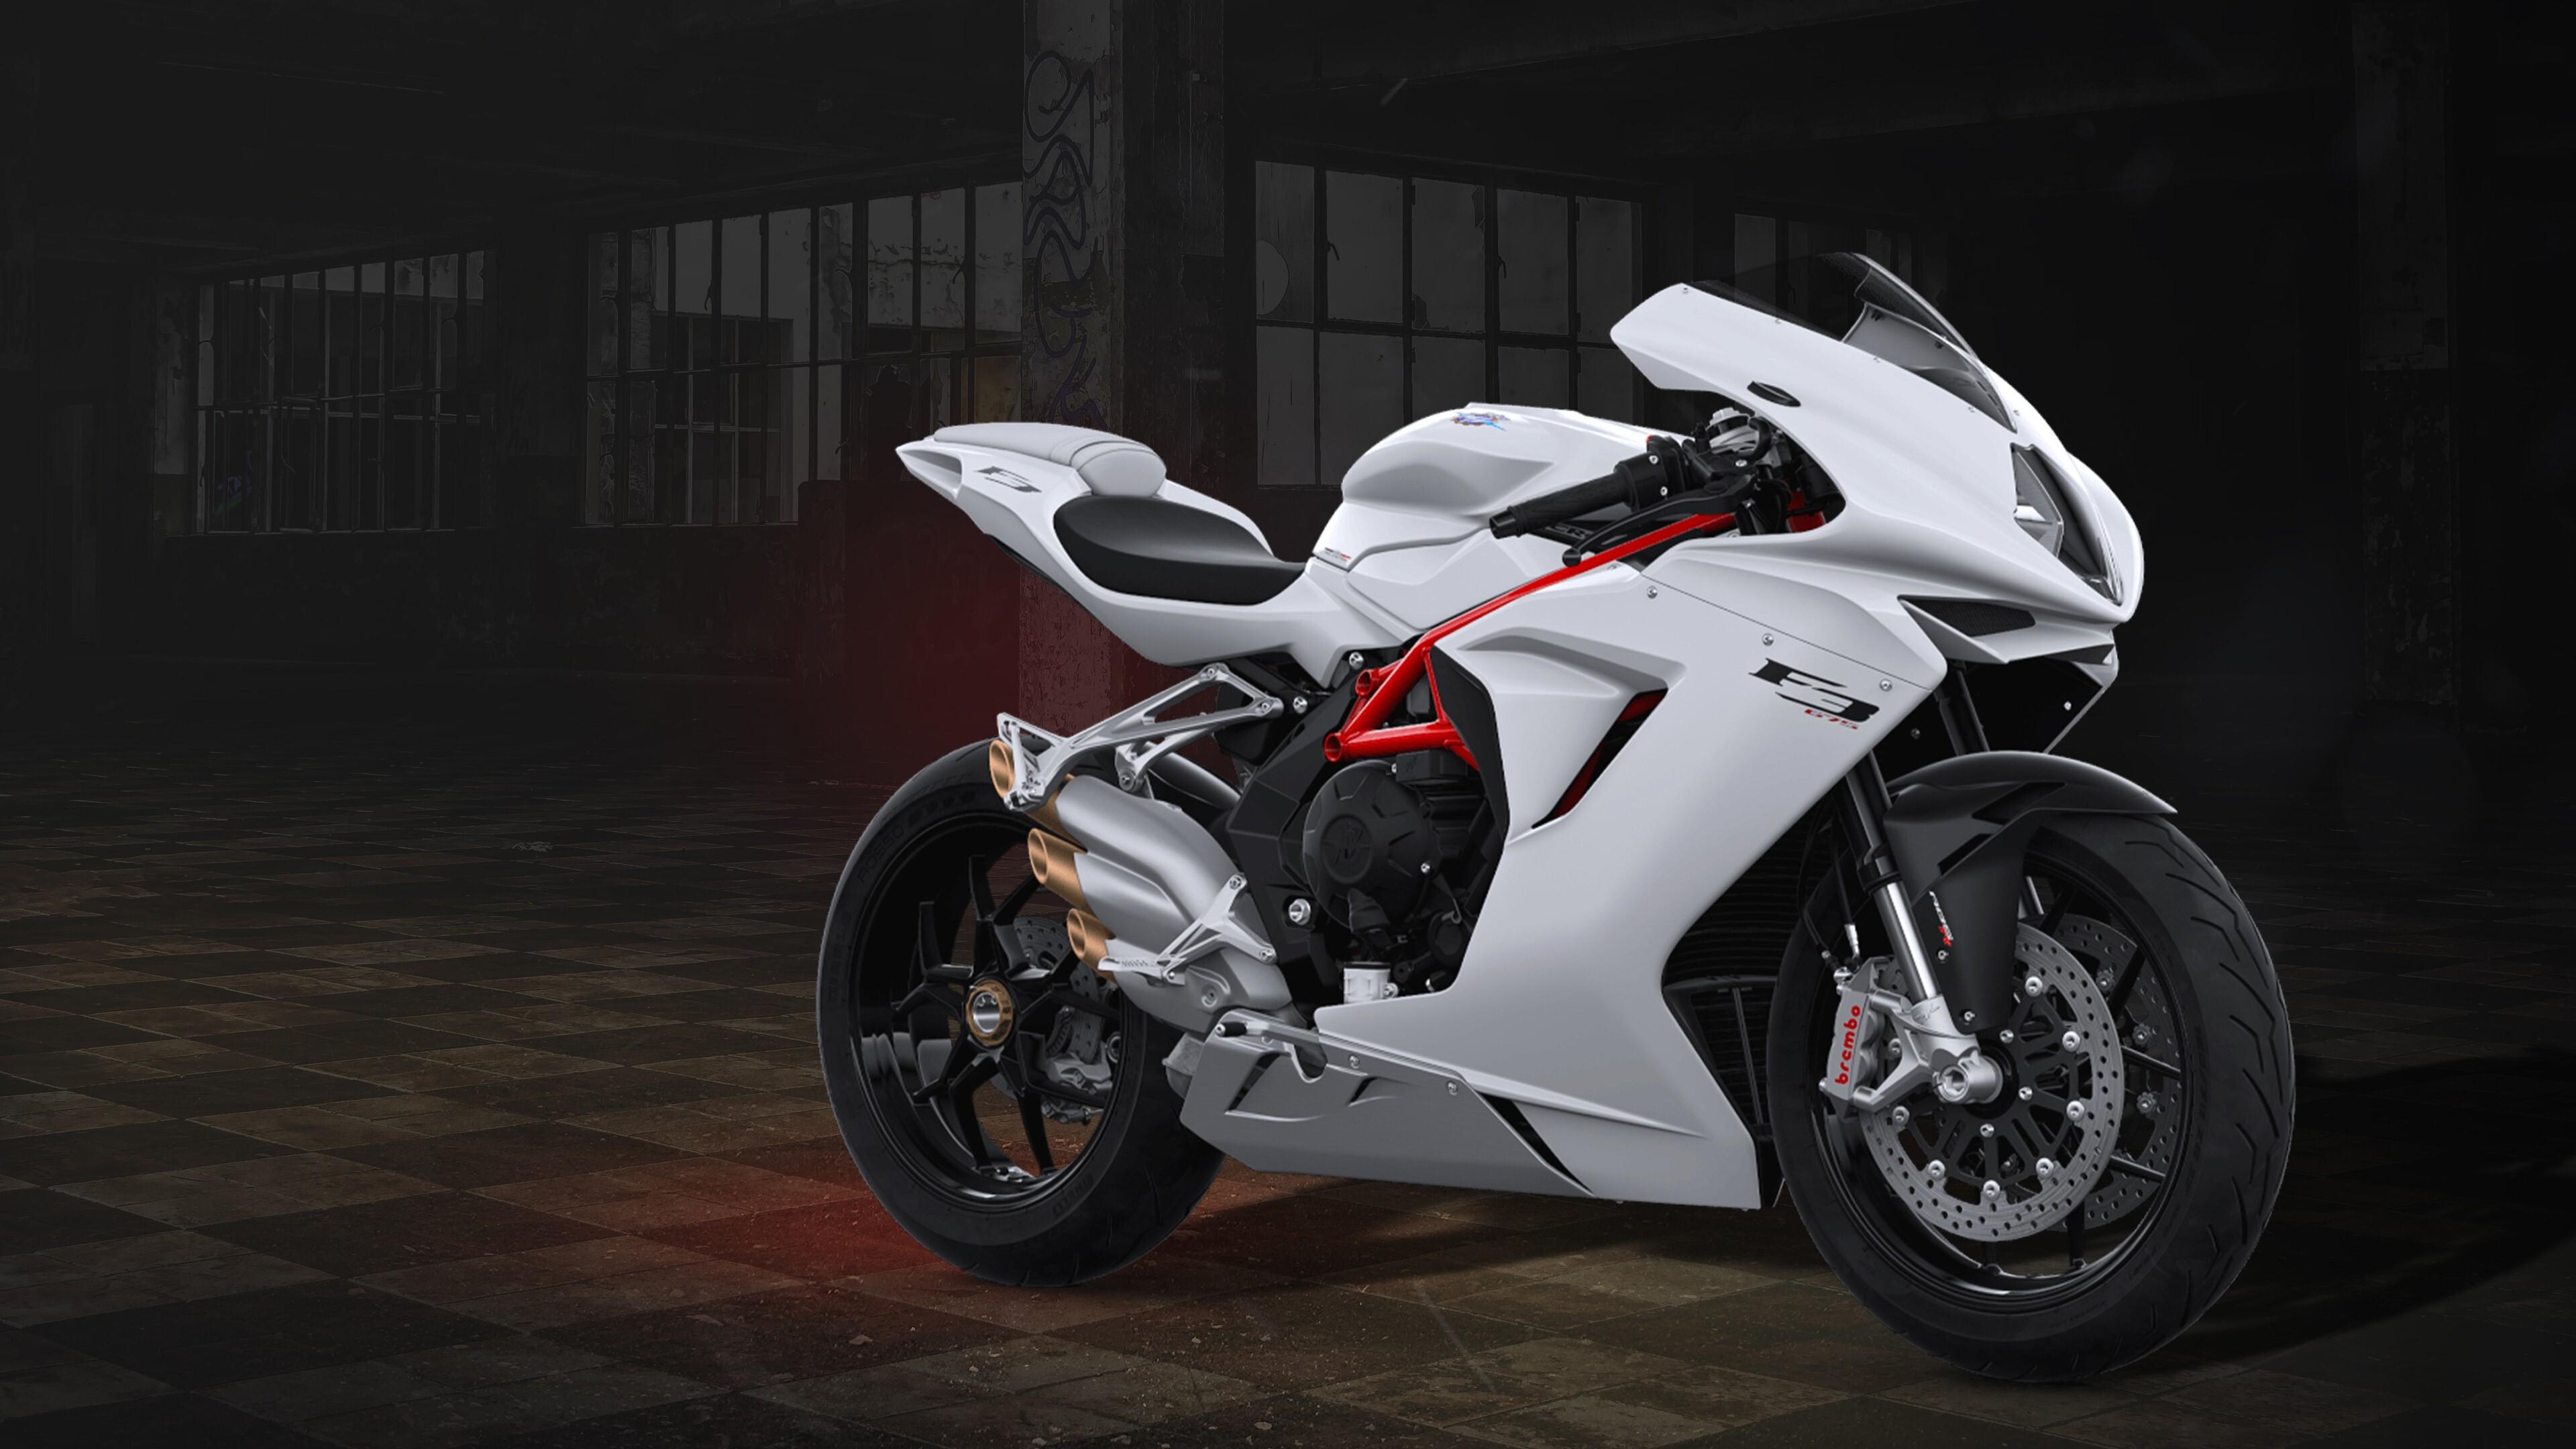 2019 MV Agusta F3 675 White 4K Bike